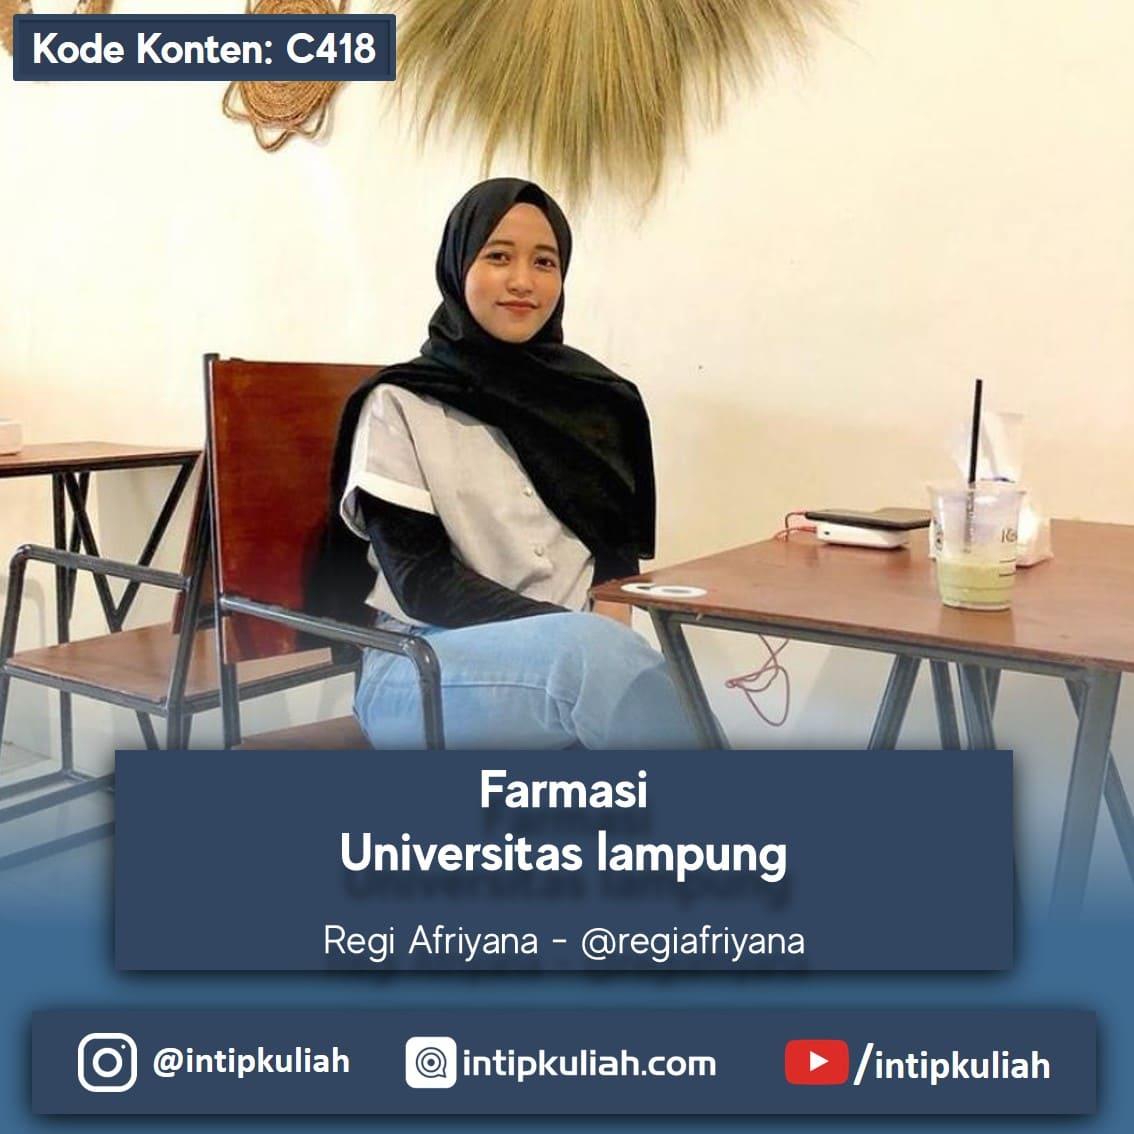 Farmasi Universitas Ahmad Dahlan Yogyakarta (Ulfa)